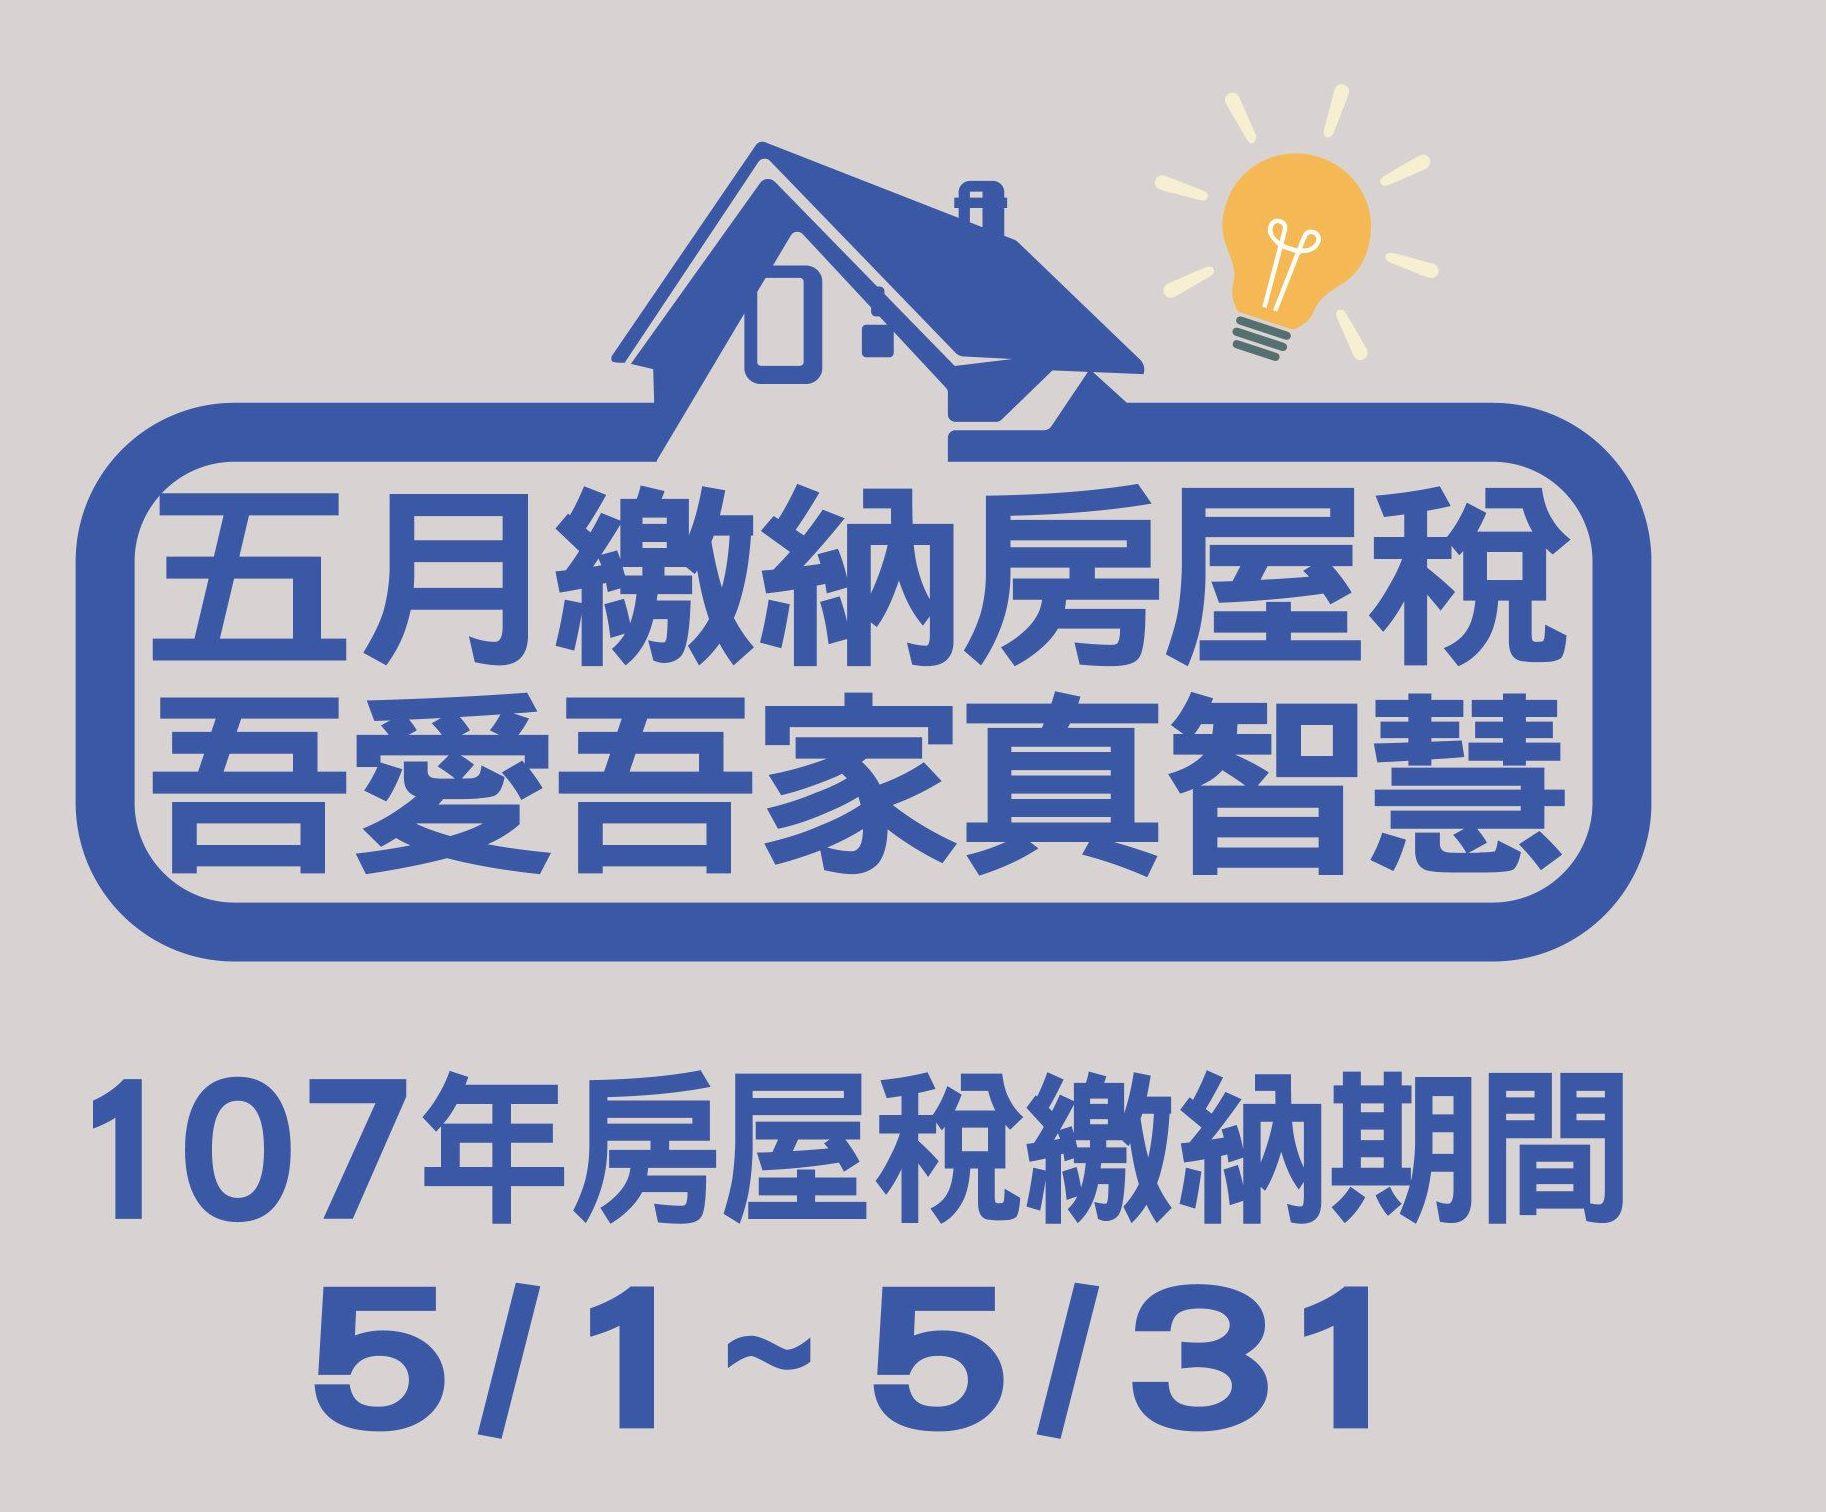 【稅務資訊】5月份房屋稅開徵訊 代表圖